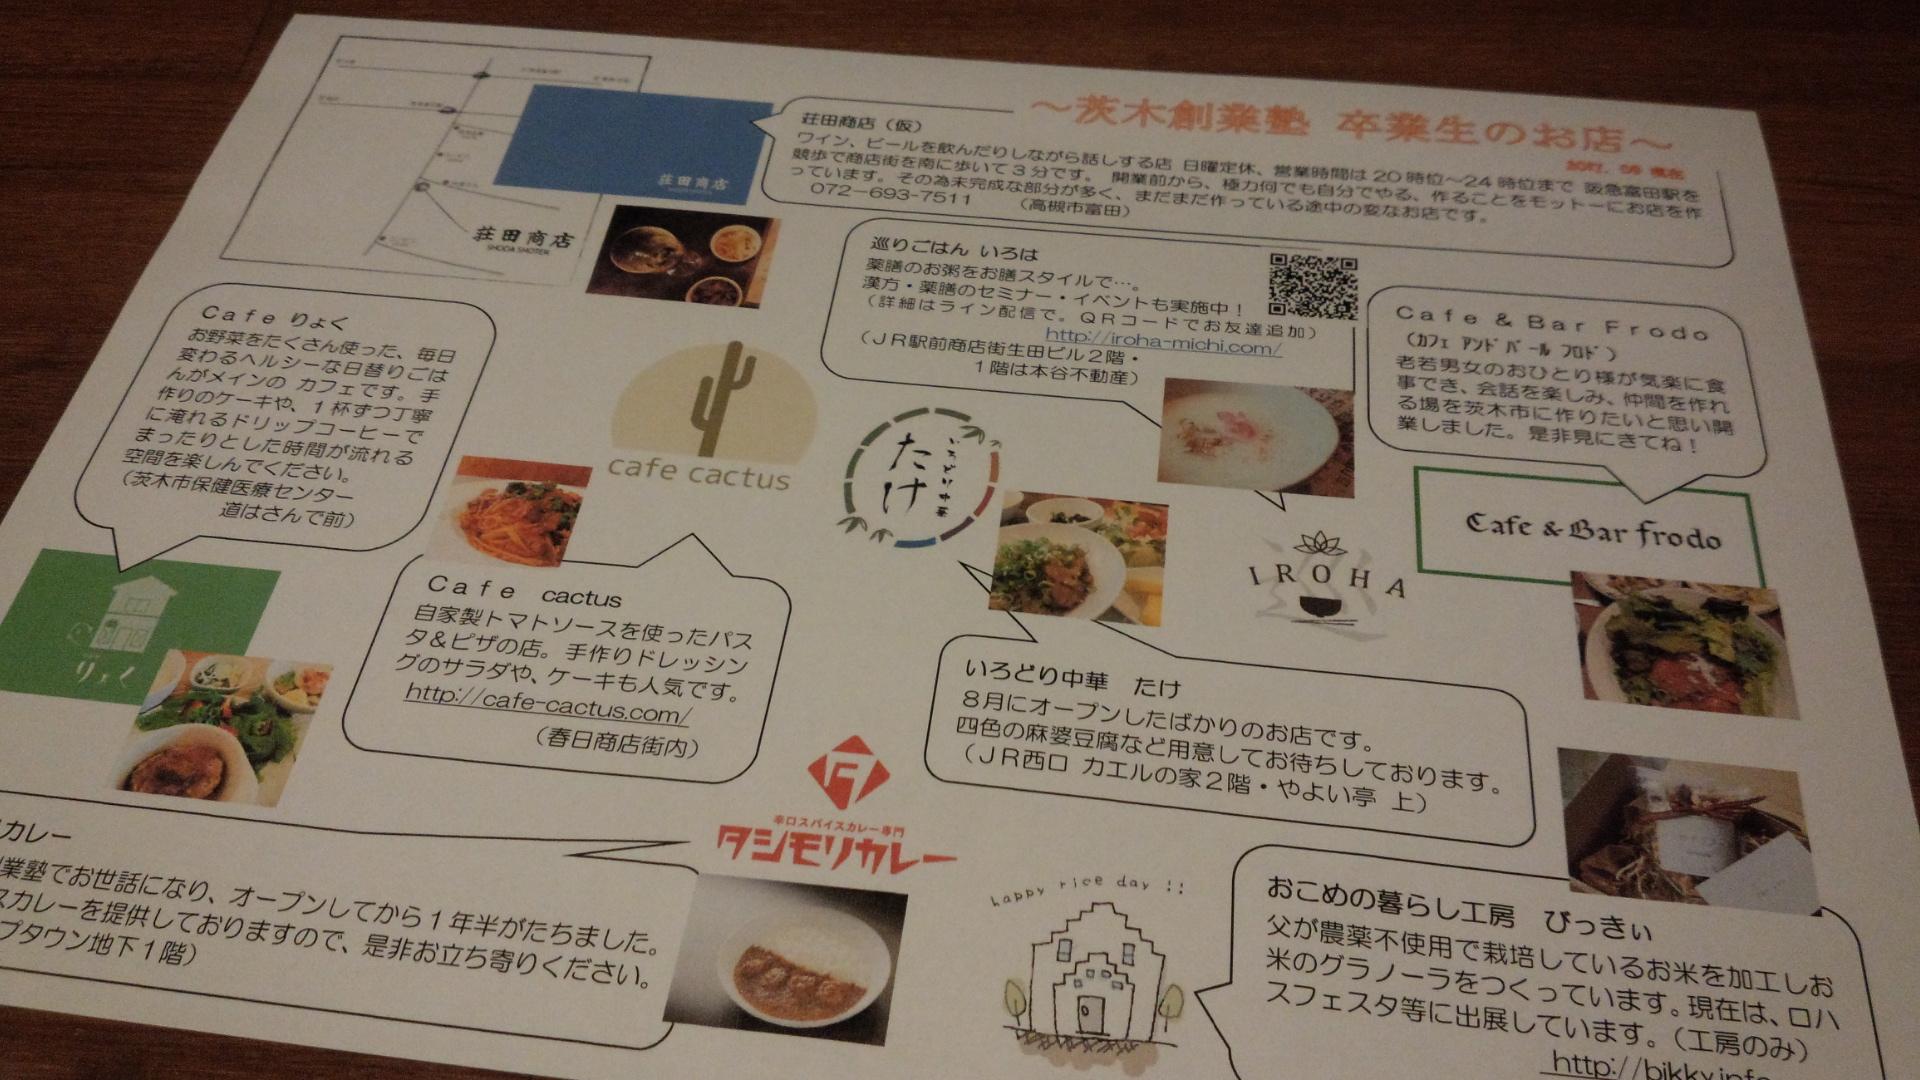 茨木創業塾マップ